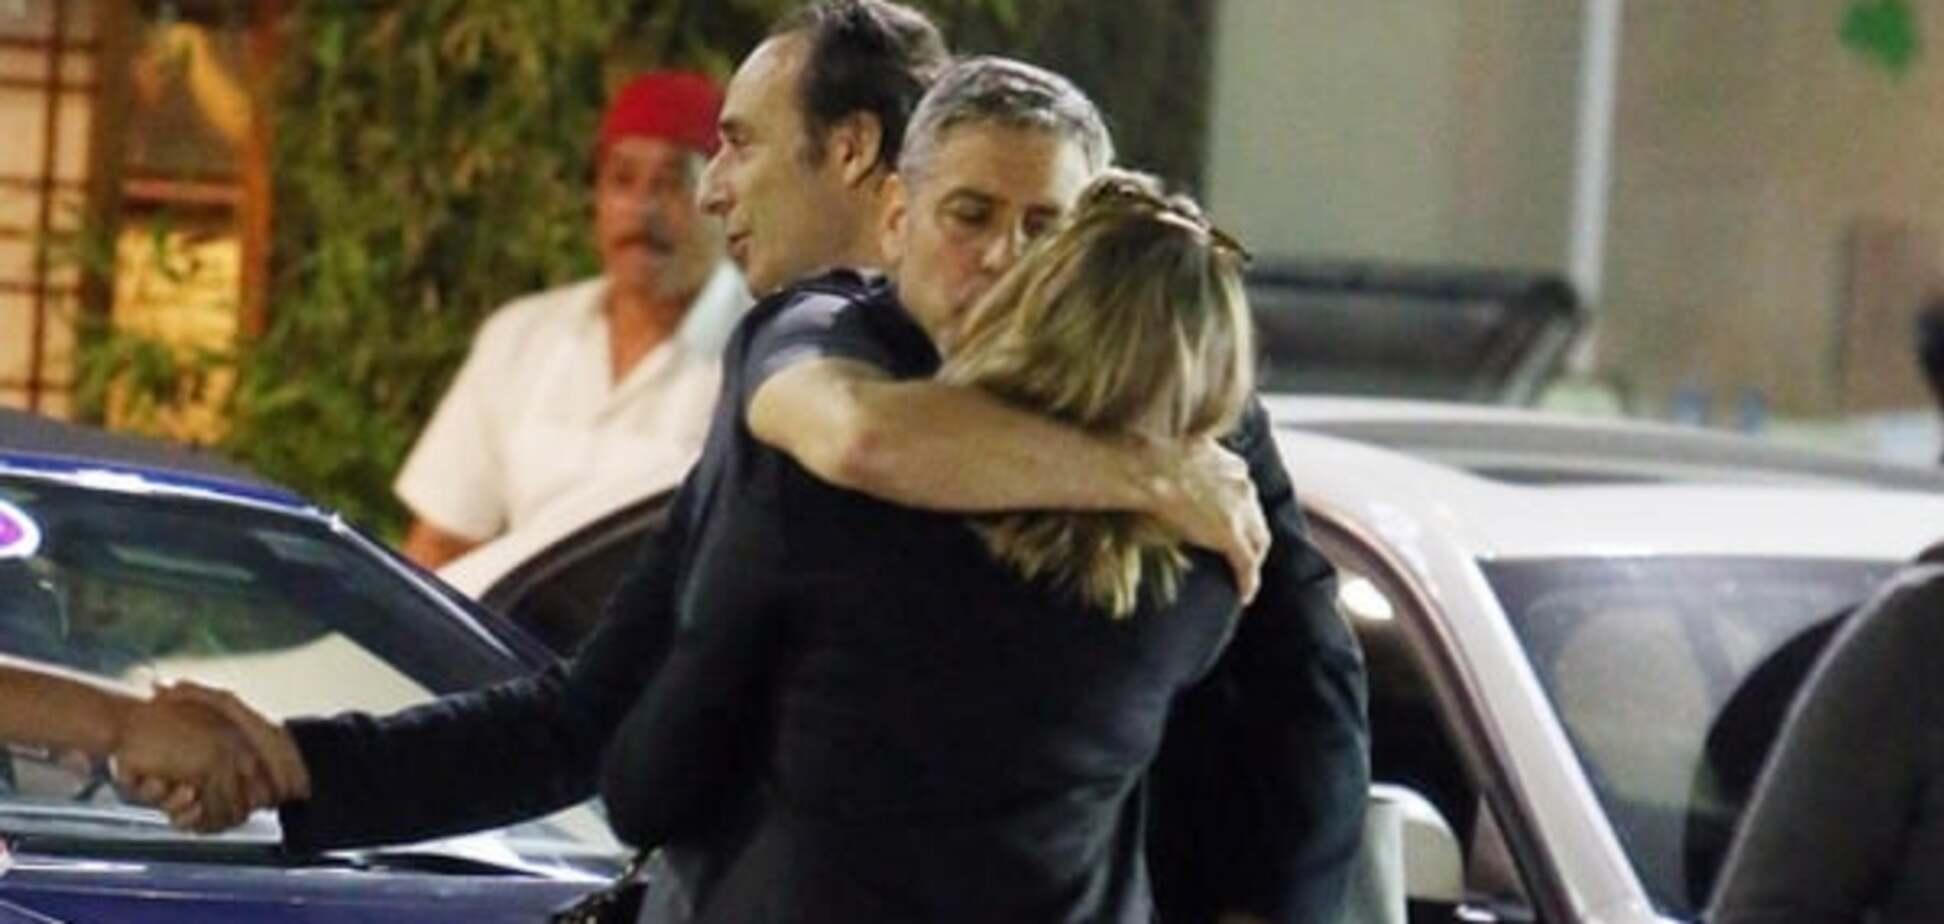 Клуни застукали за поцелуями с таинственной блондинкой